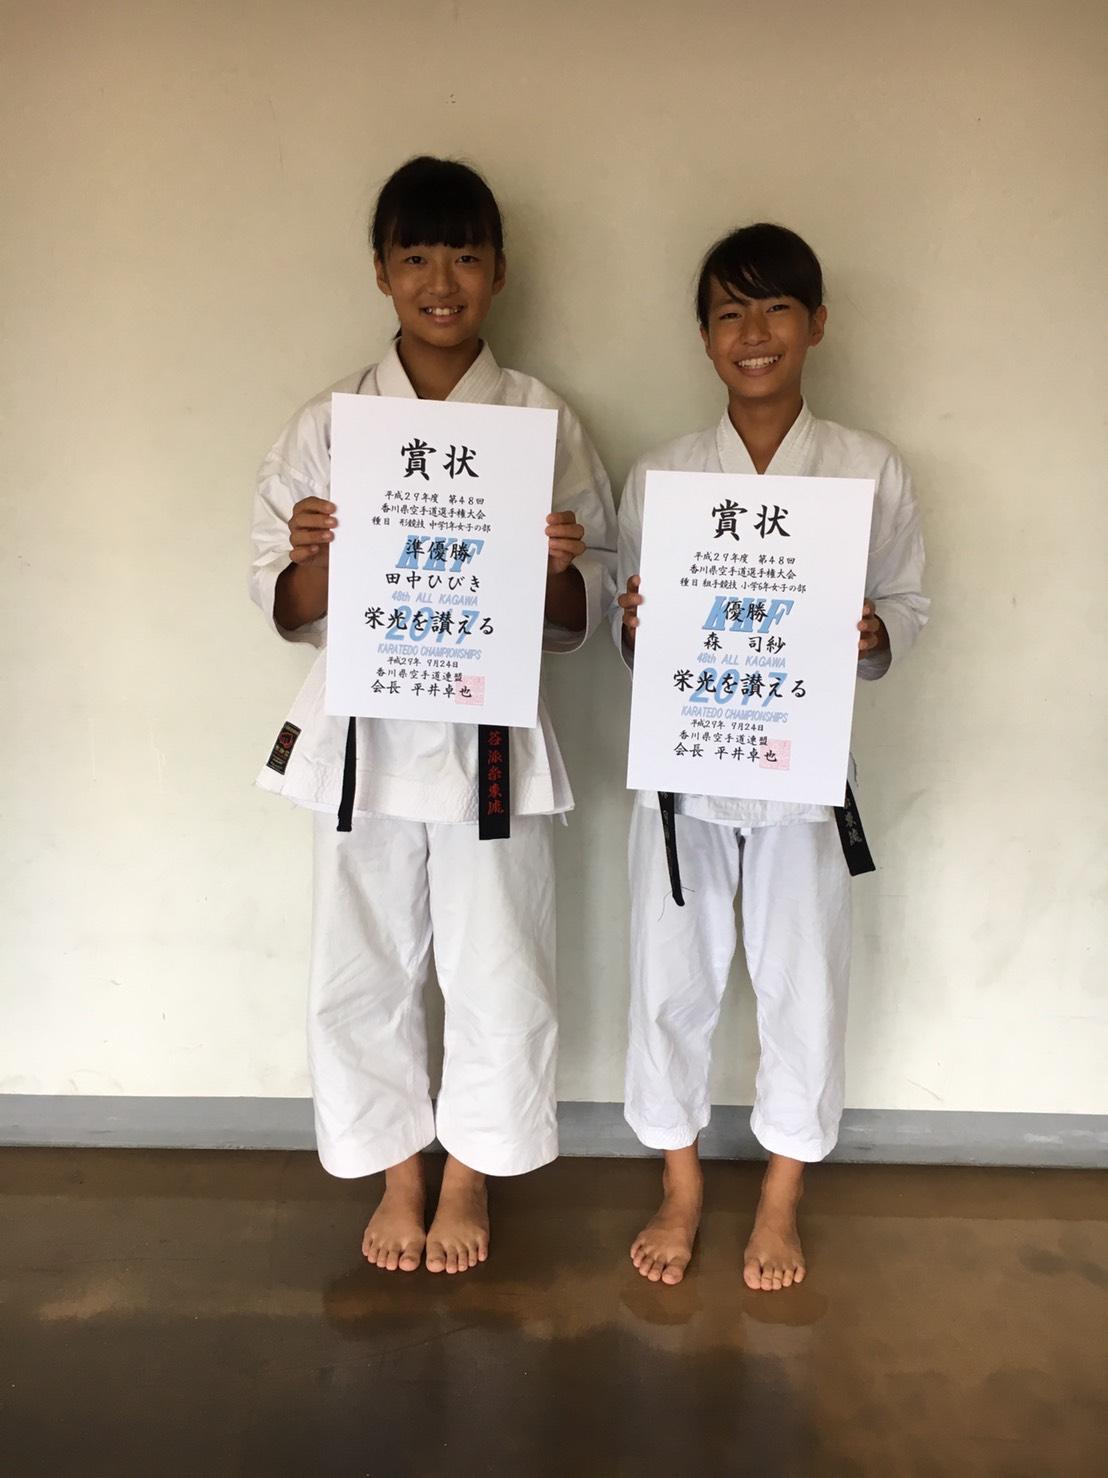 第48回香川県空手道選手権大会